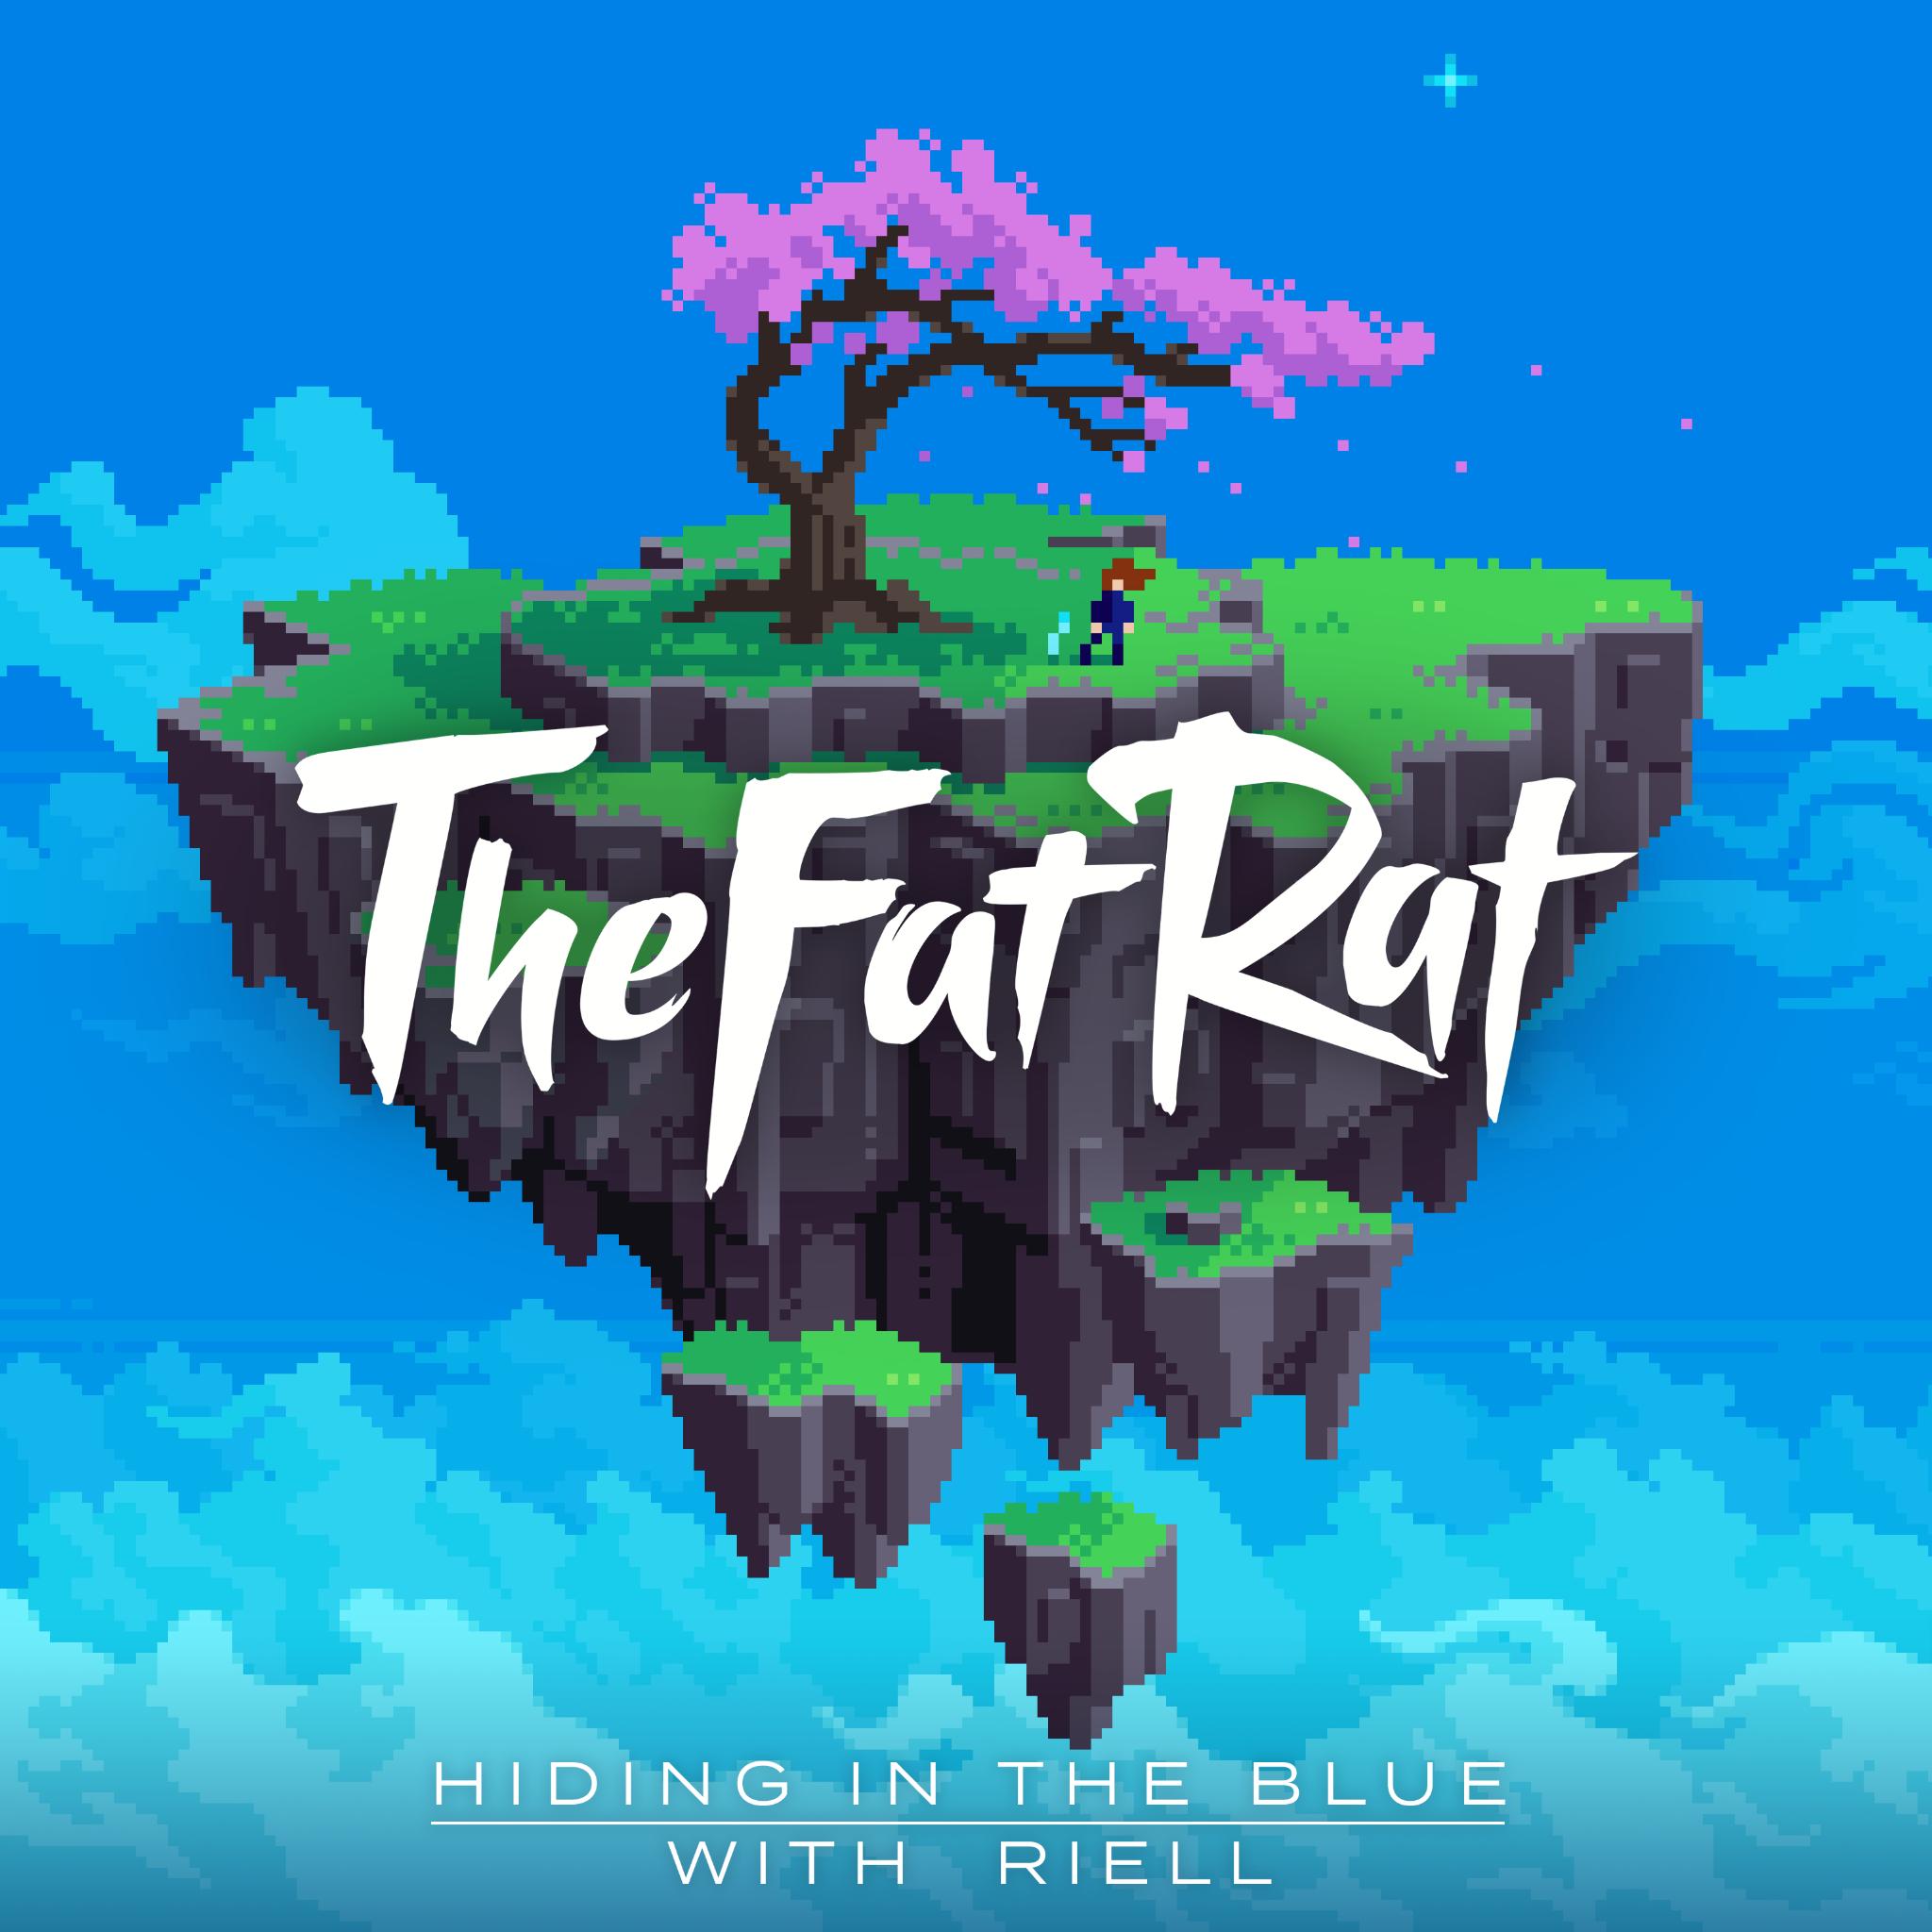 德国电子音乐人肥鼠TheFatRat携手Riell古风新单《Hiding In the Blue》正式发行,即日揭开新专辑《Parallax》史诗级篇章